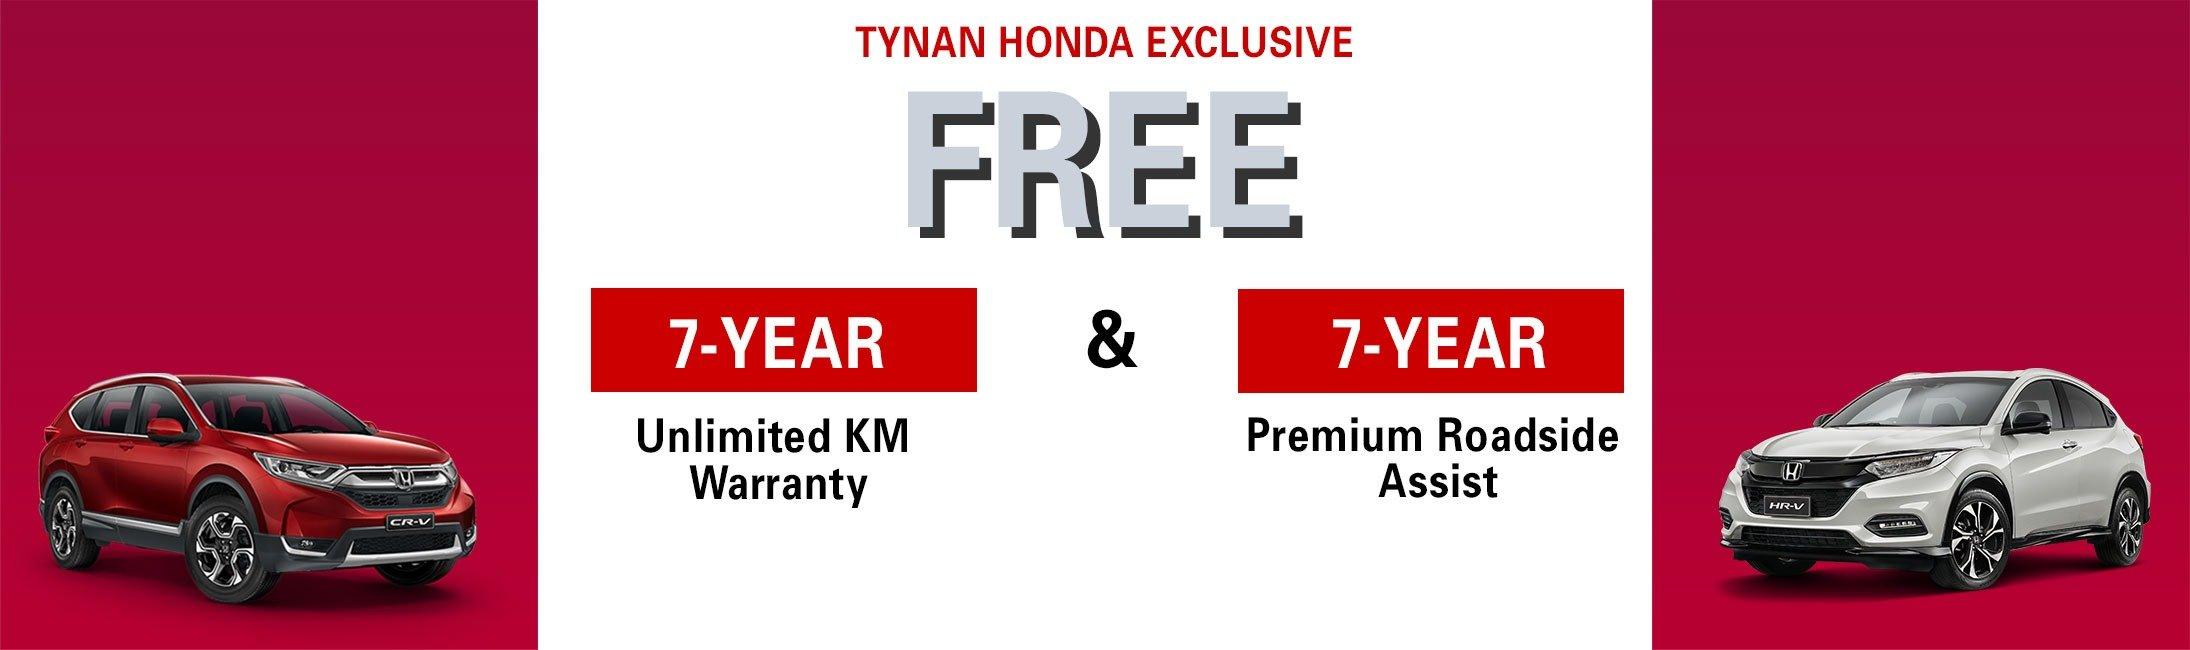 Tynan Honda EOFY Offer